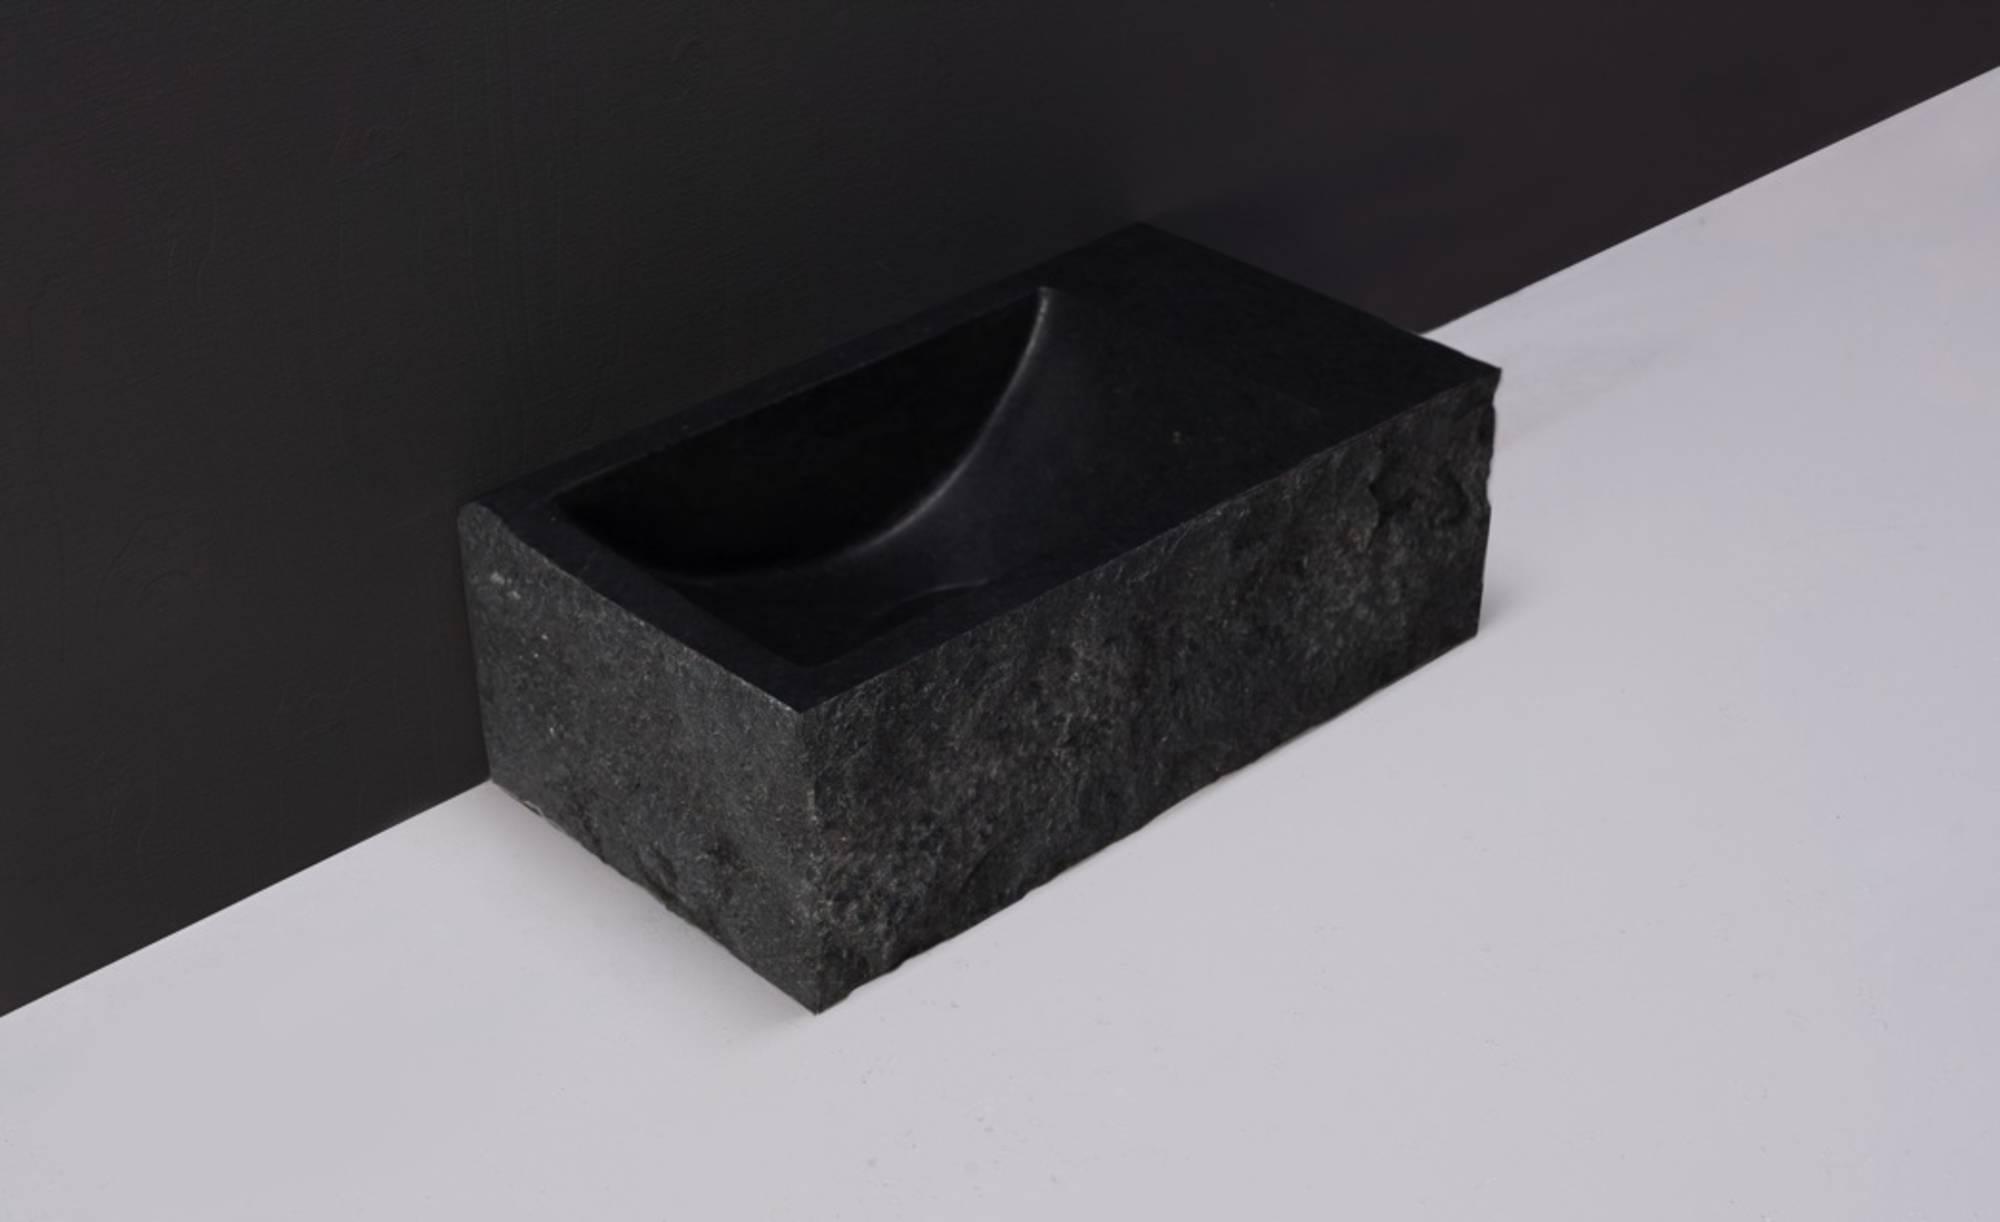 Forzalaqua Venetia Fontein met Gekapte Zijkanten Rechts 40x22x10 cm Antraciet